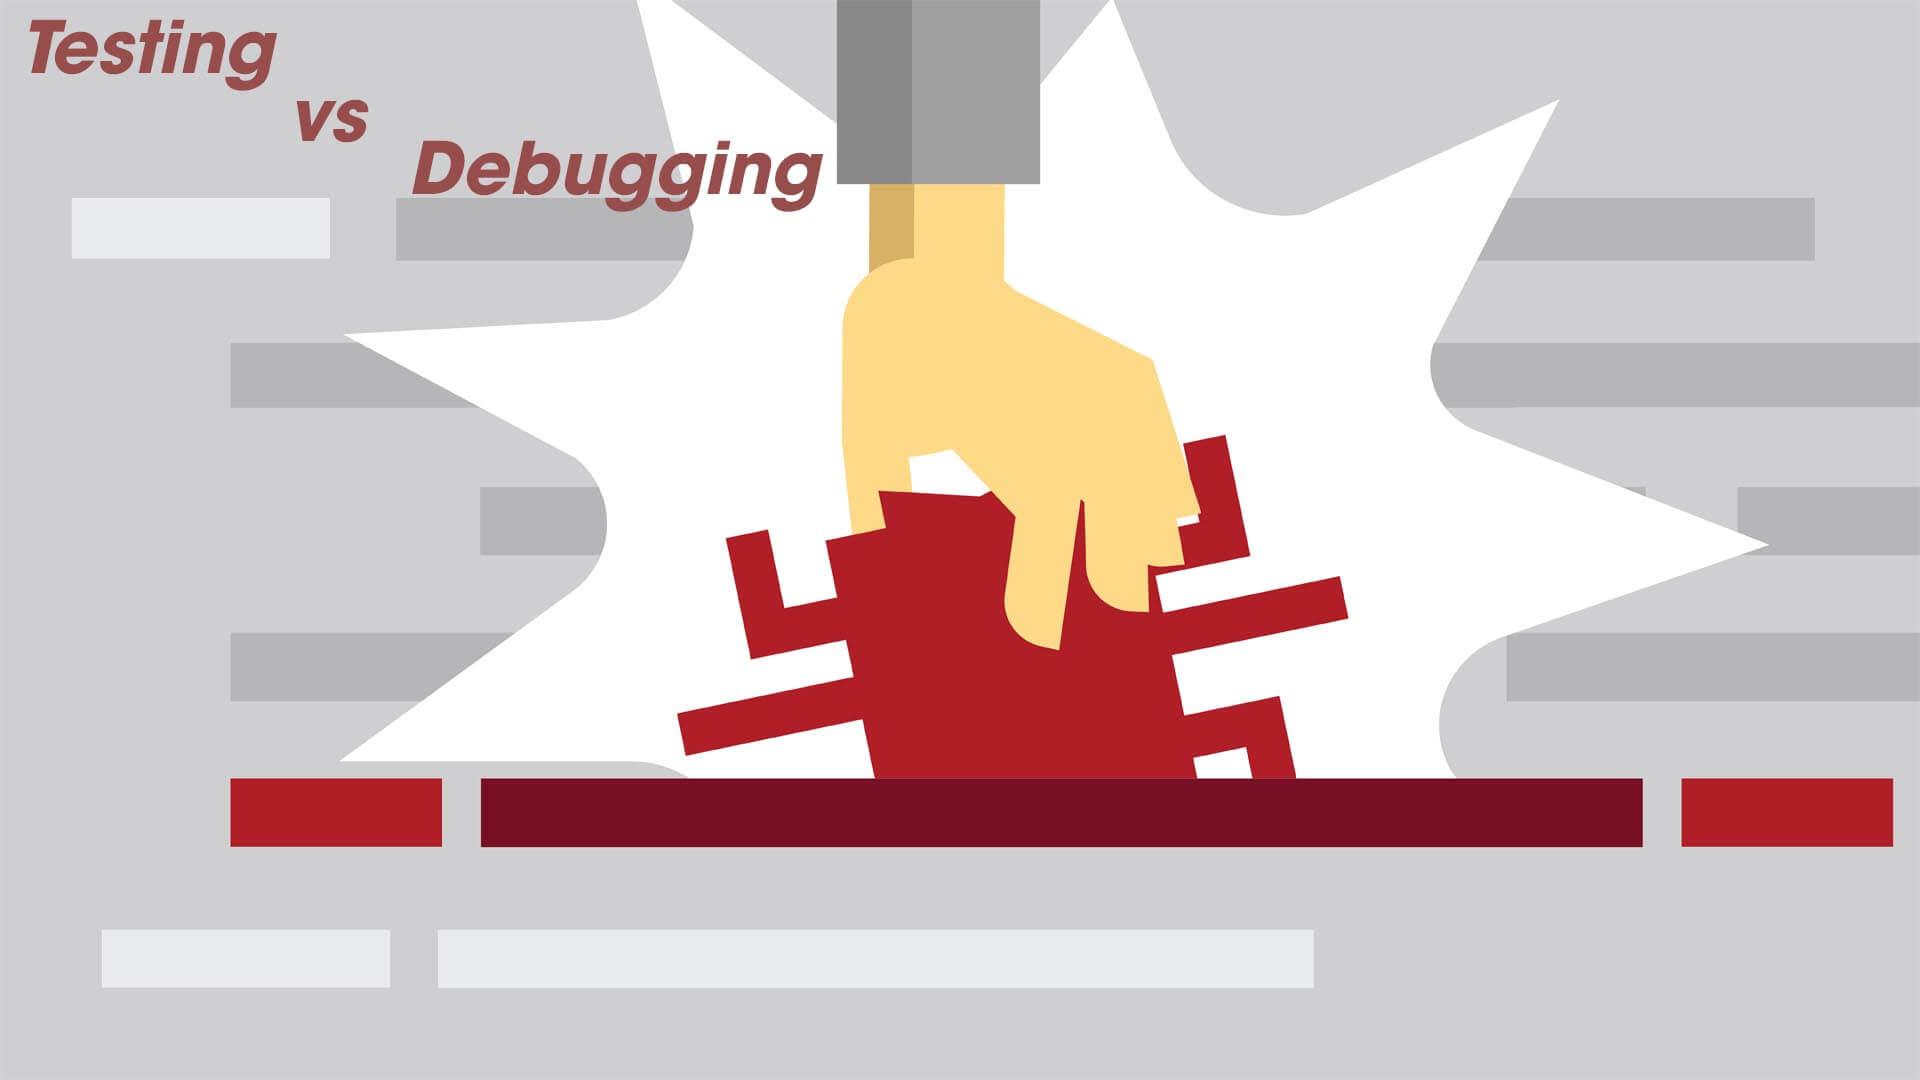 Kỹ năng Testing và Debugging là điều mà lập trình viên frontend